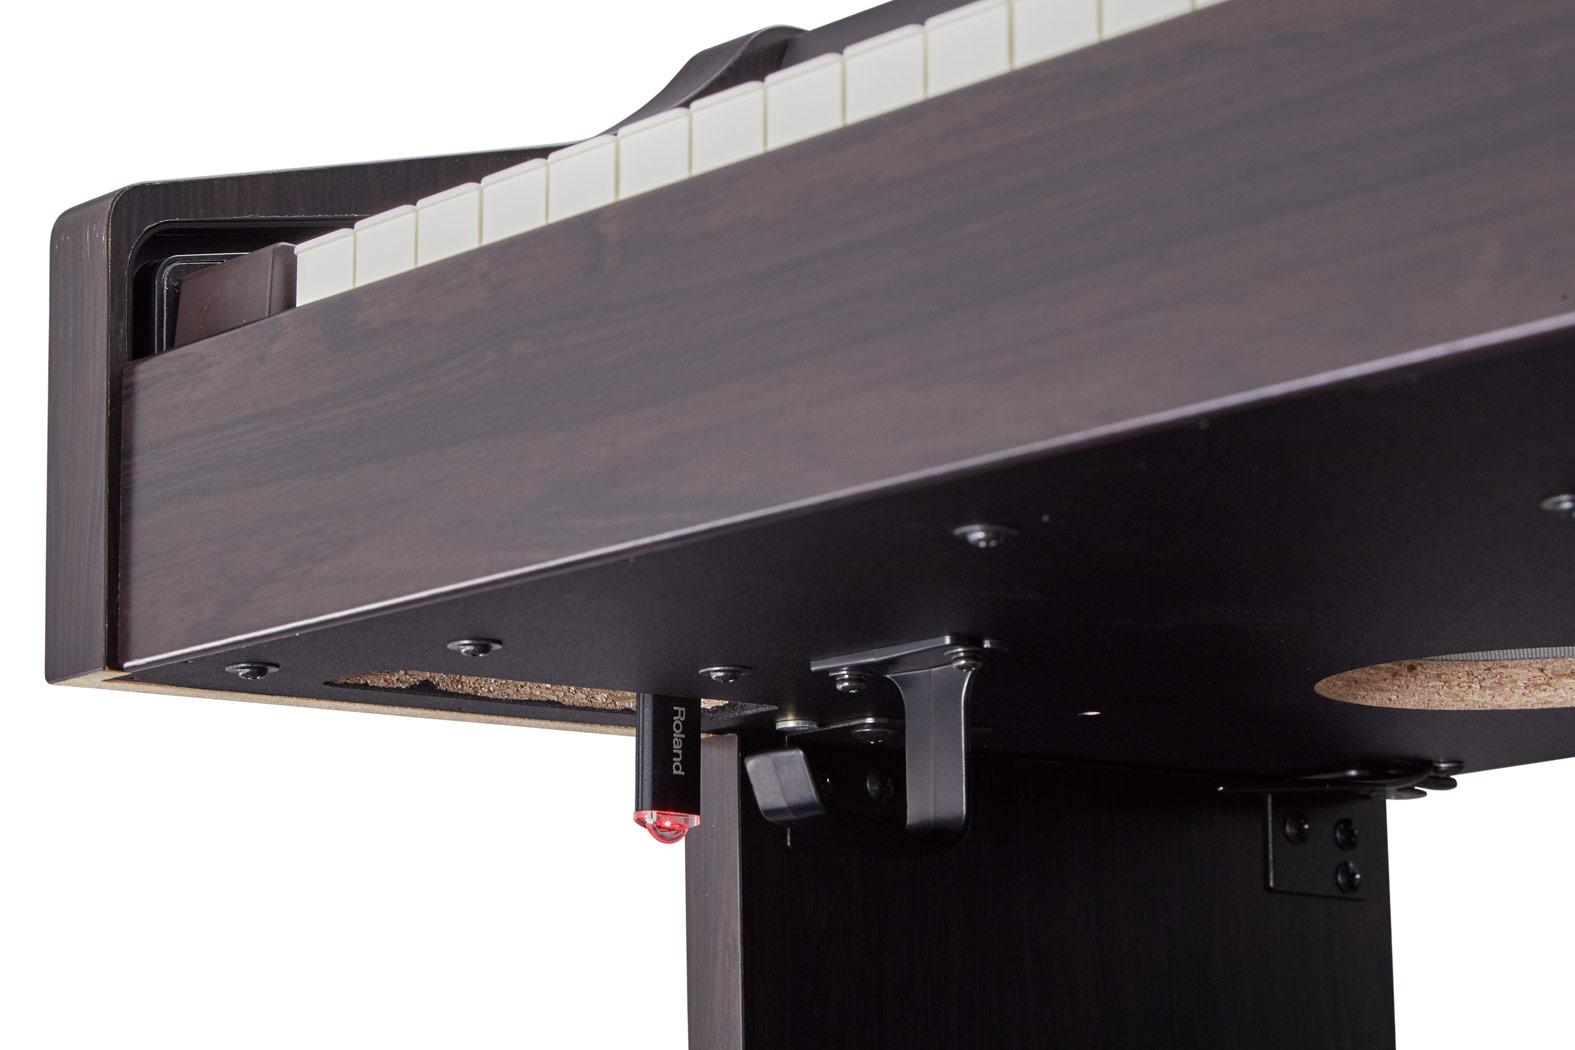 Đàn điện tử Roland RP-302 có trang bị hỗ trợ kết nối USB Computer